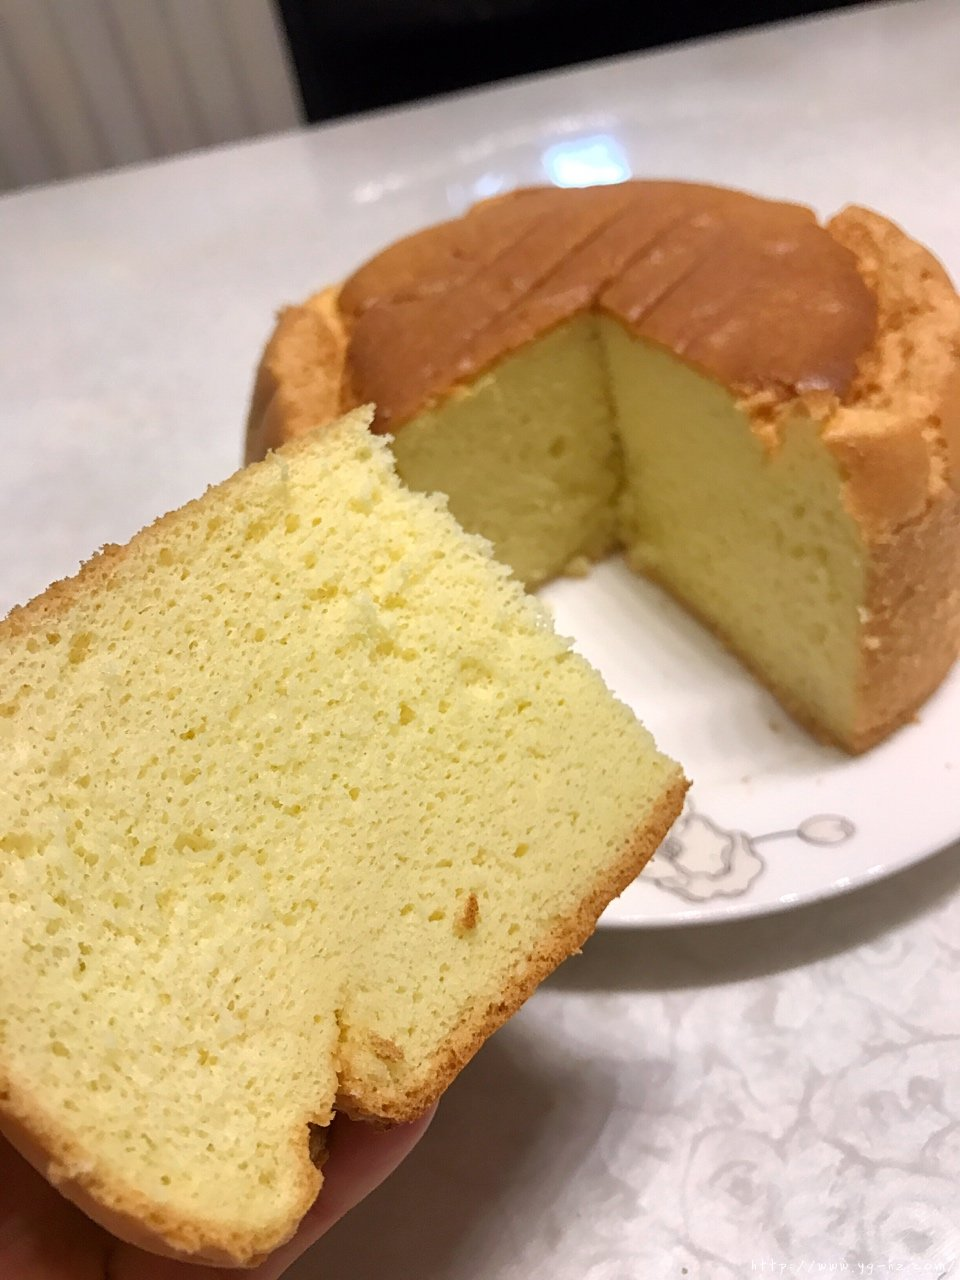 秒杀一切的最柔软细腻豆渣蛋糕的做法